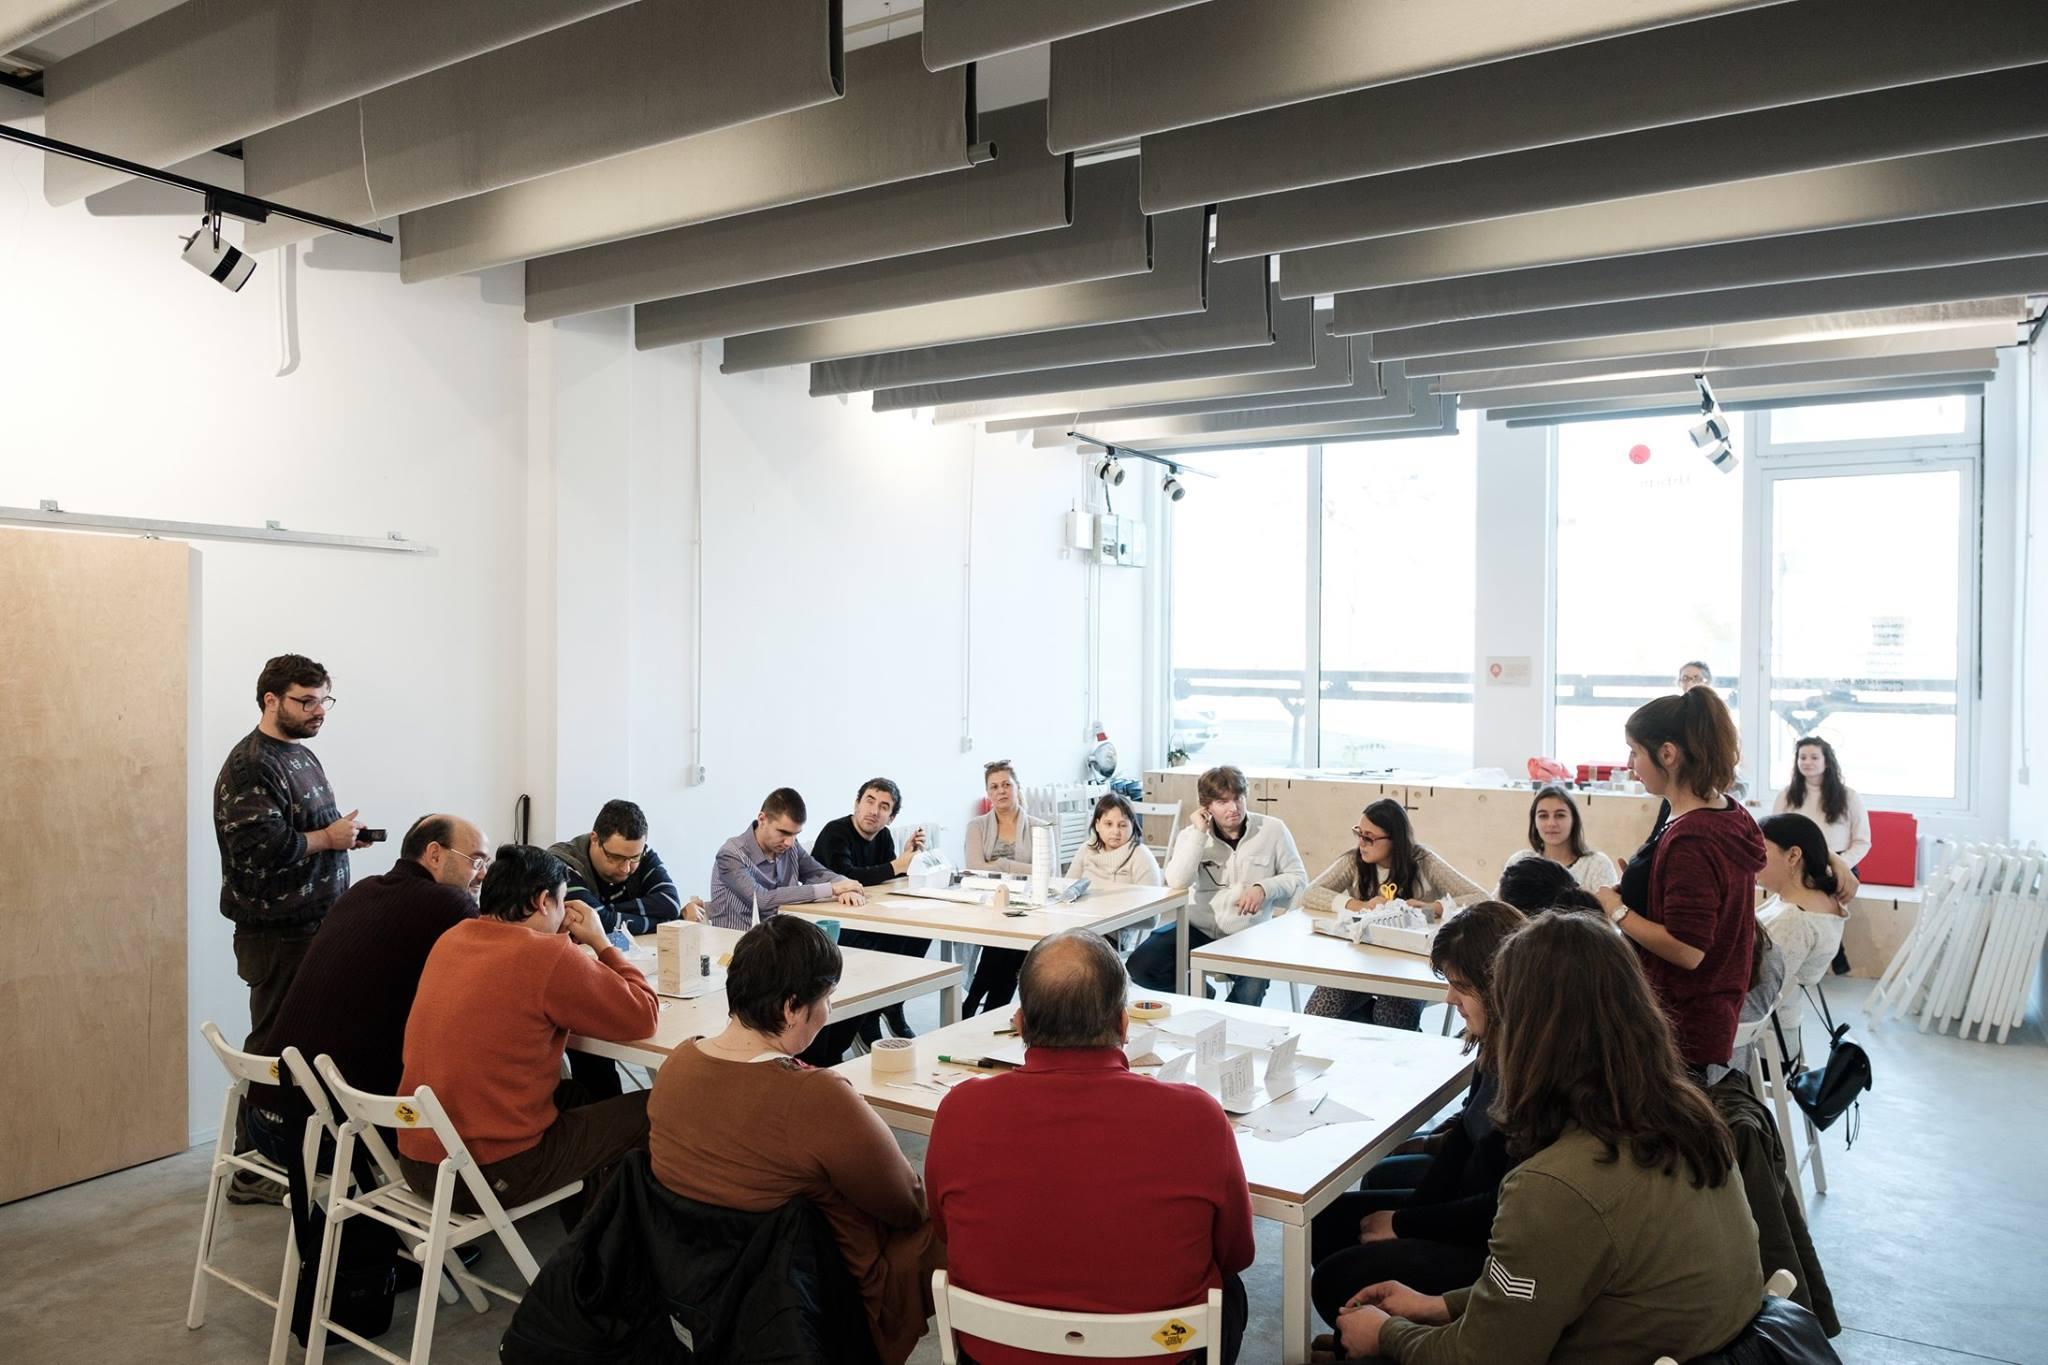 Descriere foto: participantii asezati la mesele de lucru unde fiecare echipa a creat orasul ideal.